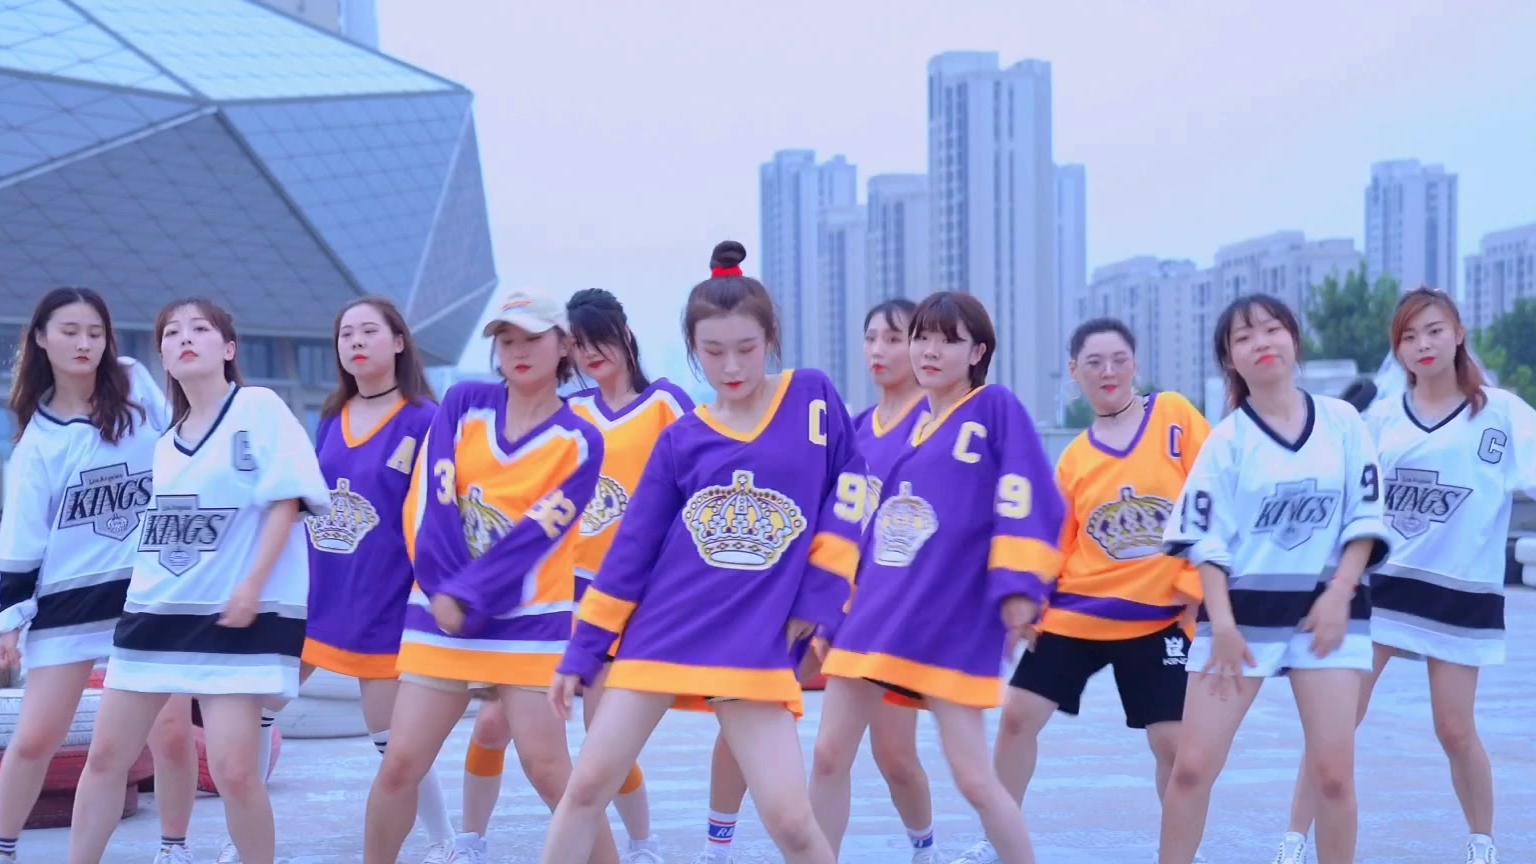 青岛ladys舞蹈 韩舞翻跳《UH-OH》青岛爵士舞韩团舞 婚礼舞蹈闺蜜舞蹈